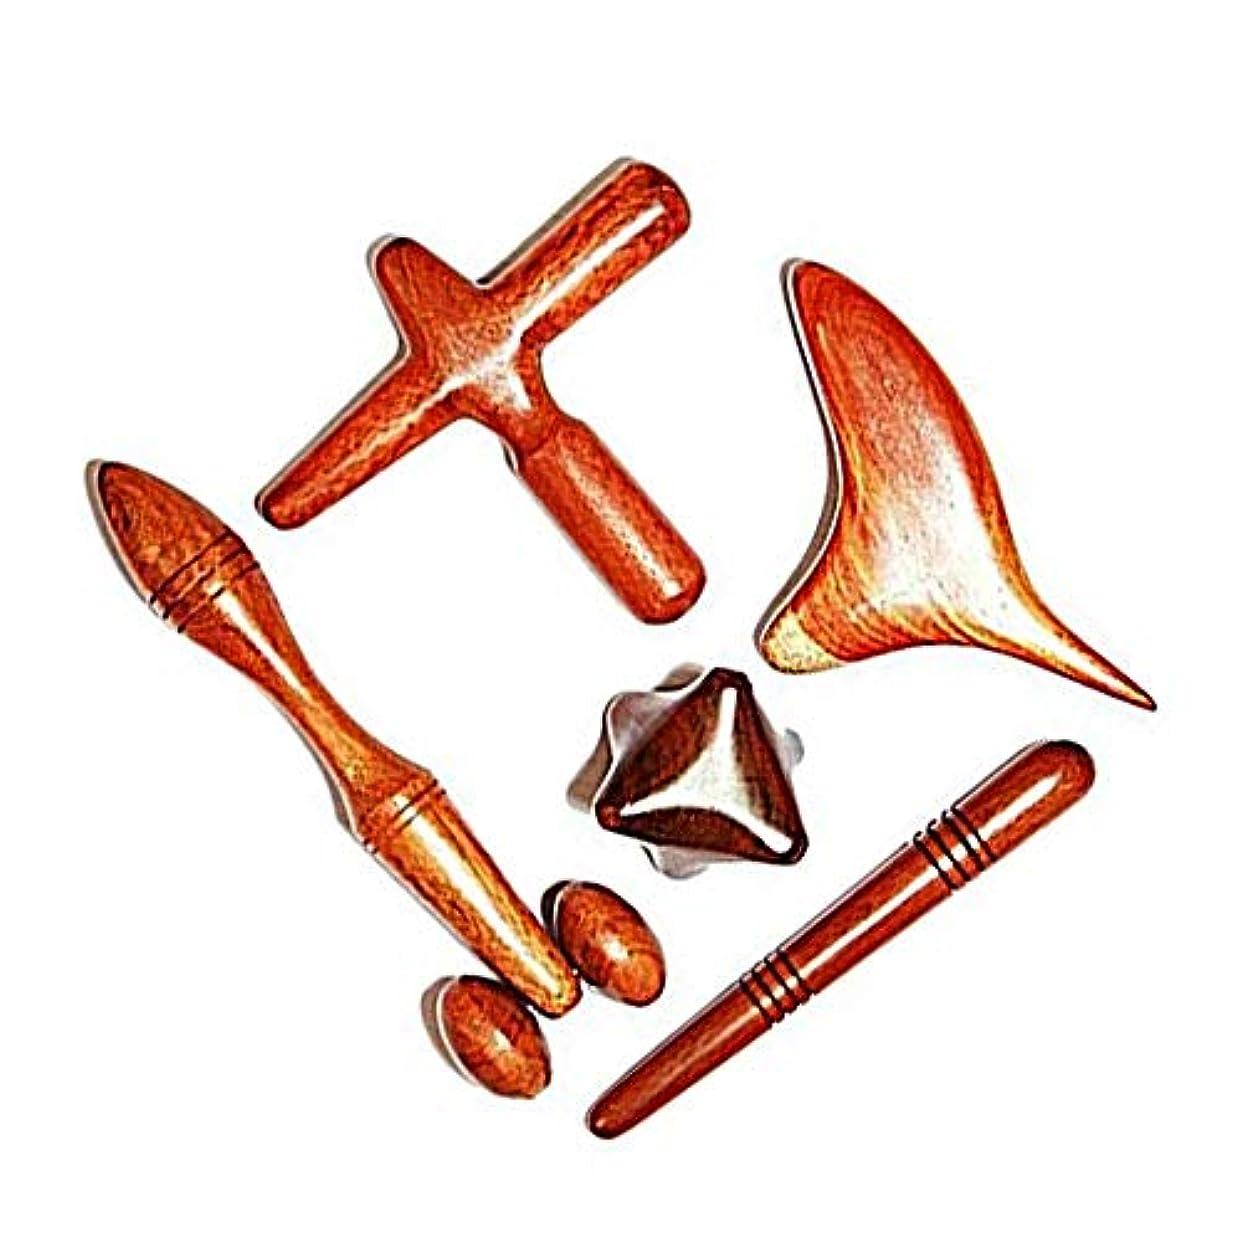 フォルダ夫デンマーク語マッサージ木製スティック マッサージャー ローズウッド ツボ押し棒 マッサージャー 5点セット